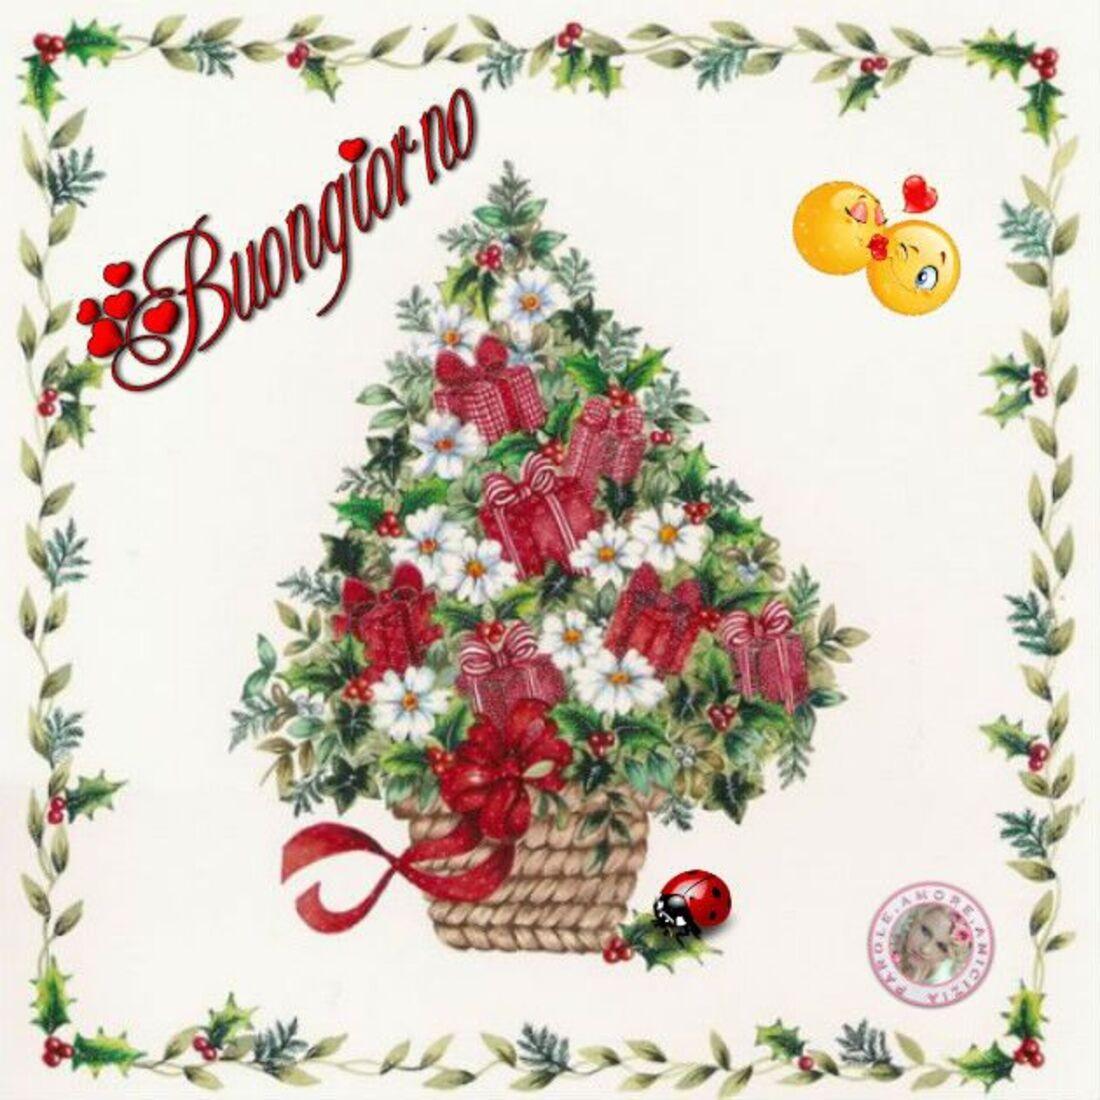 Buongiorno albero di Natale